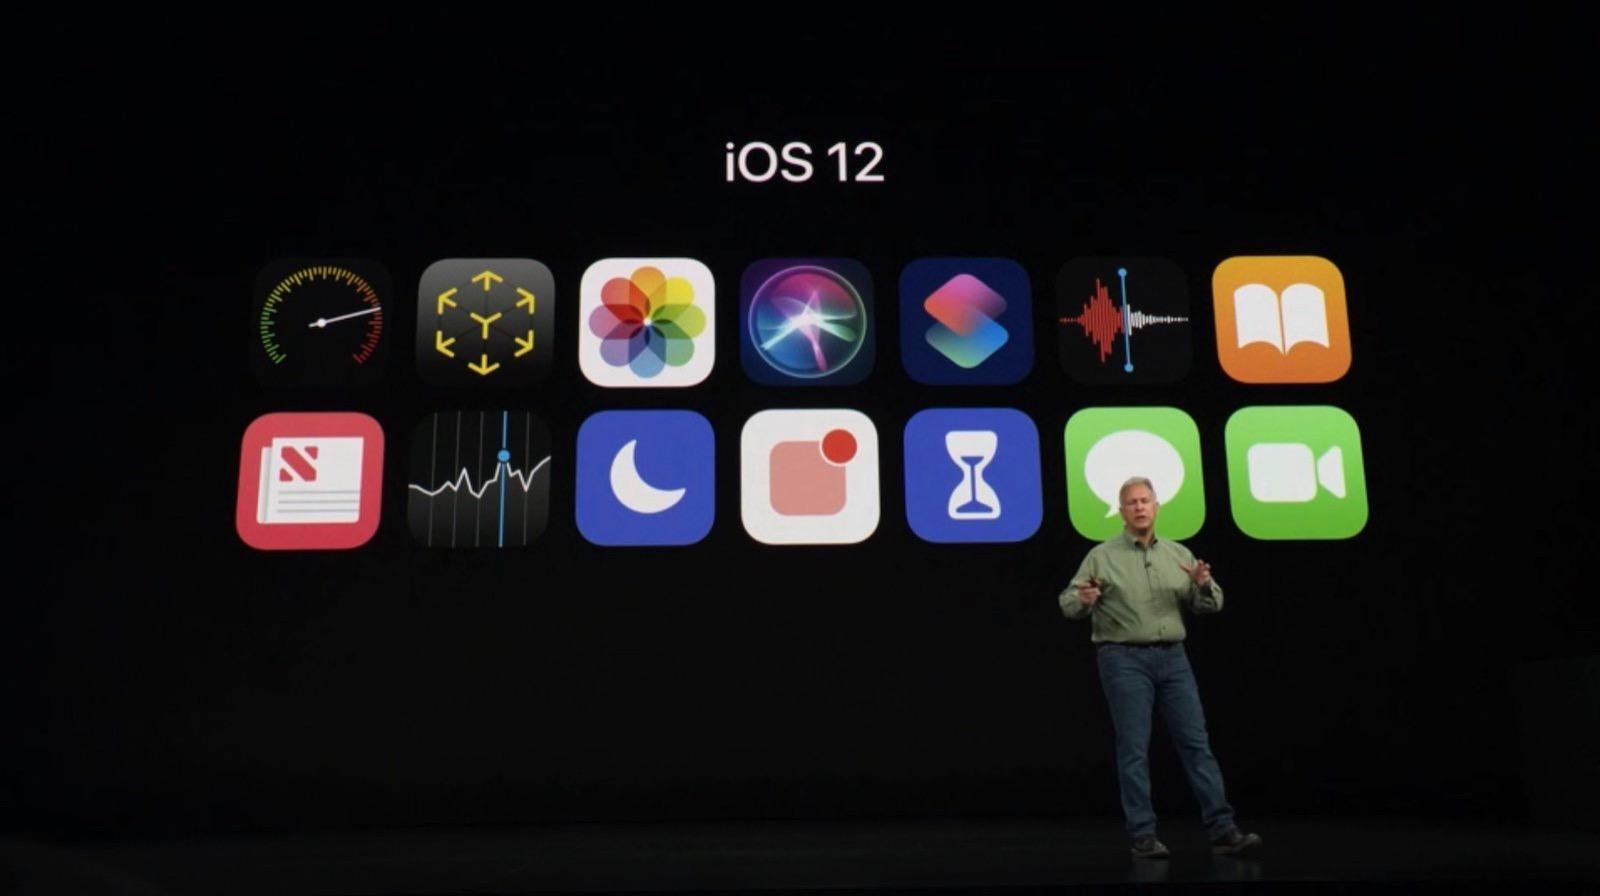 gather-around-apple-event-2018-2796.jpg